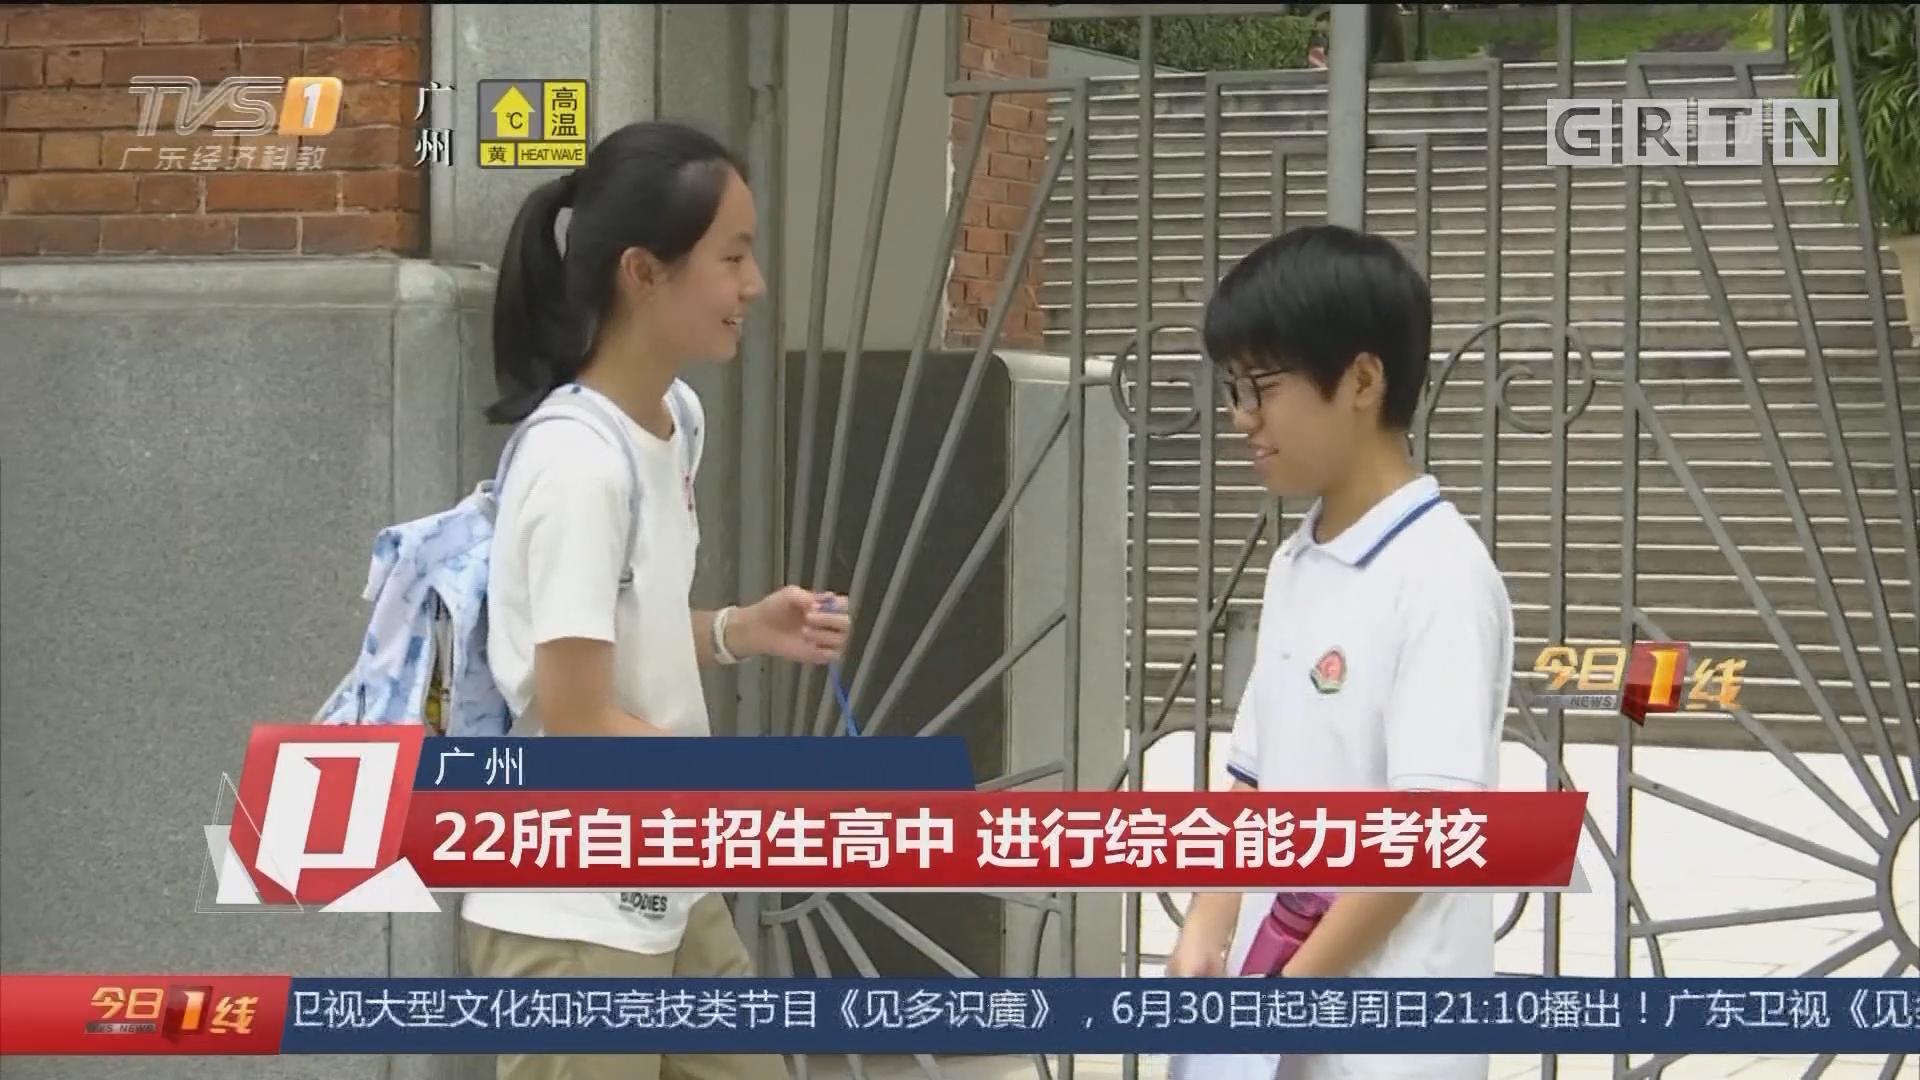 广州:22所自主招生高中 进行综合能力考核